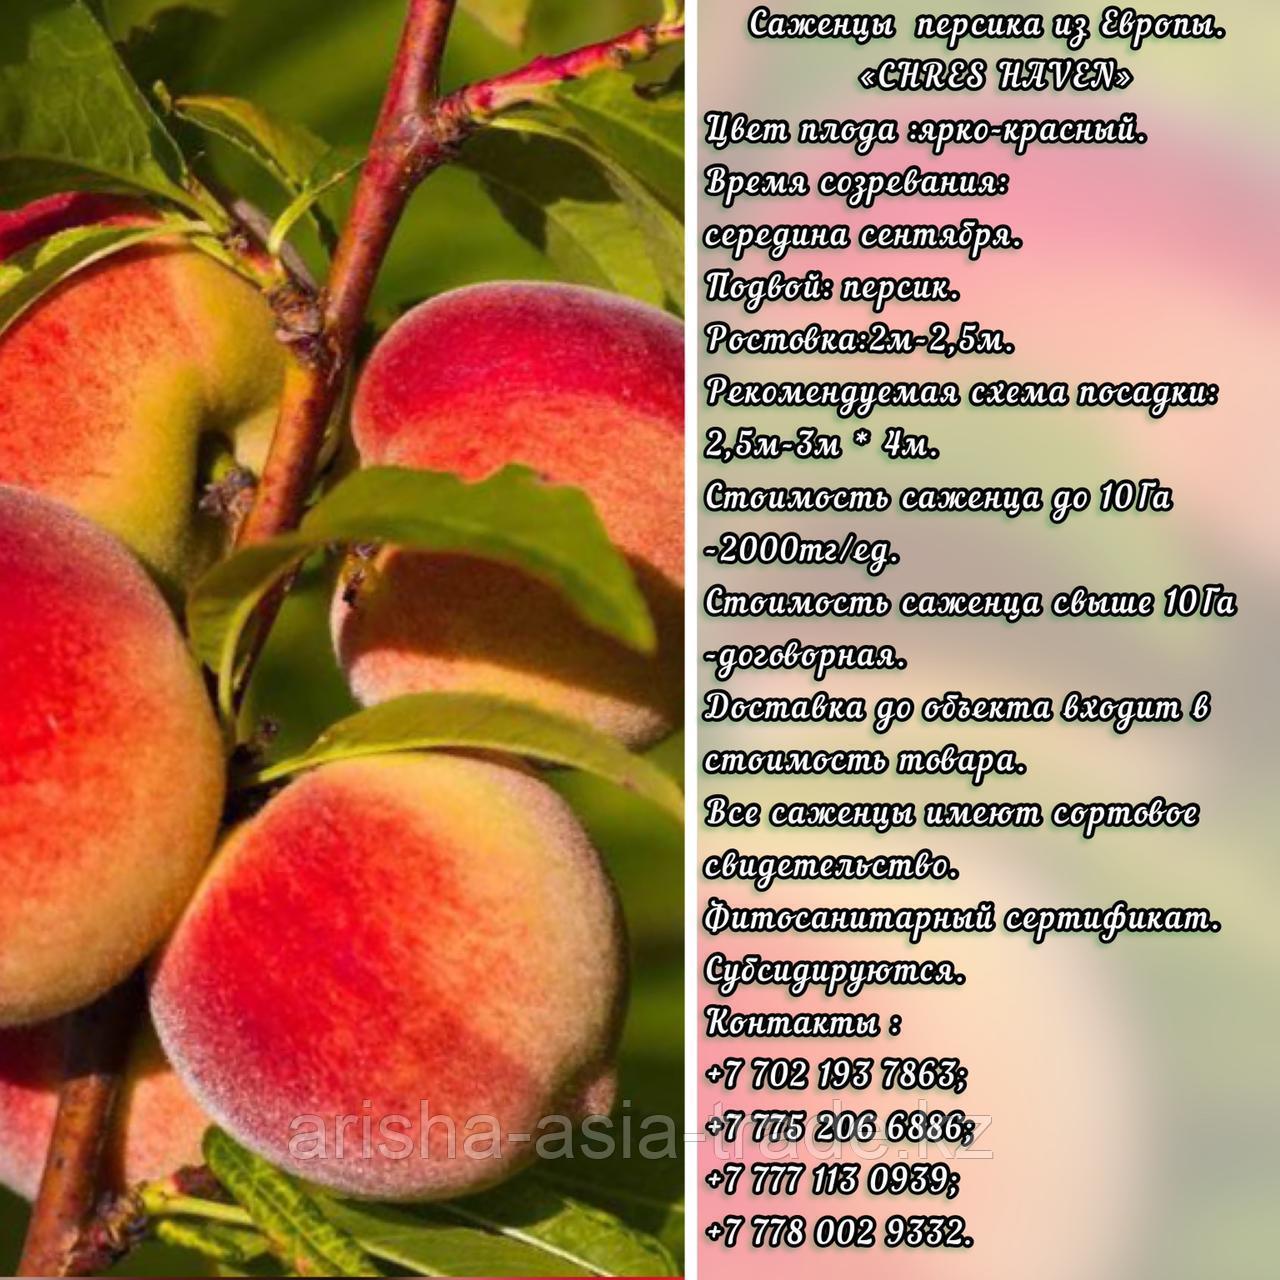 Саженец персика Chres Haven (Чрес Хавен) Сербия